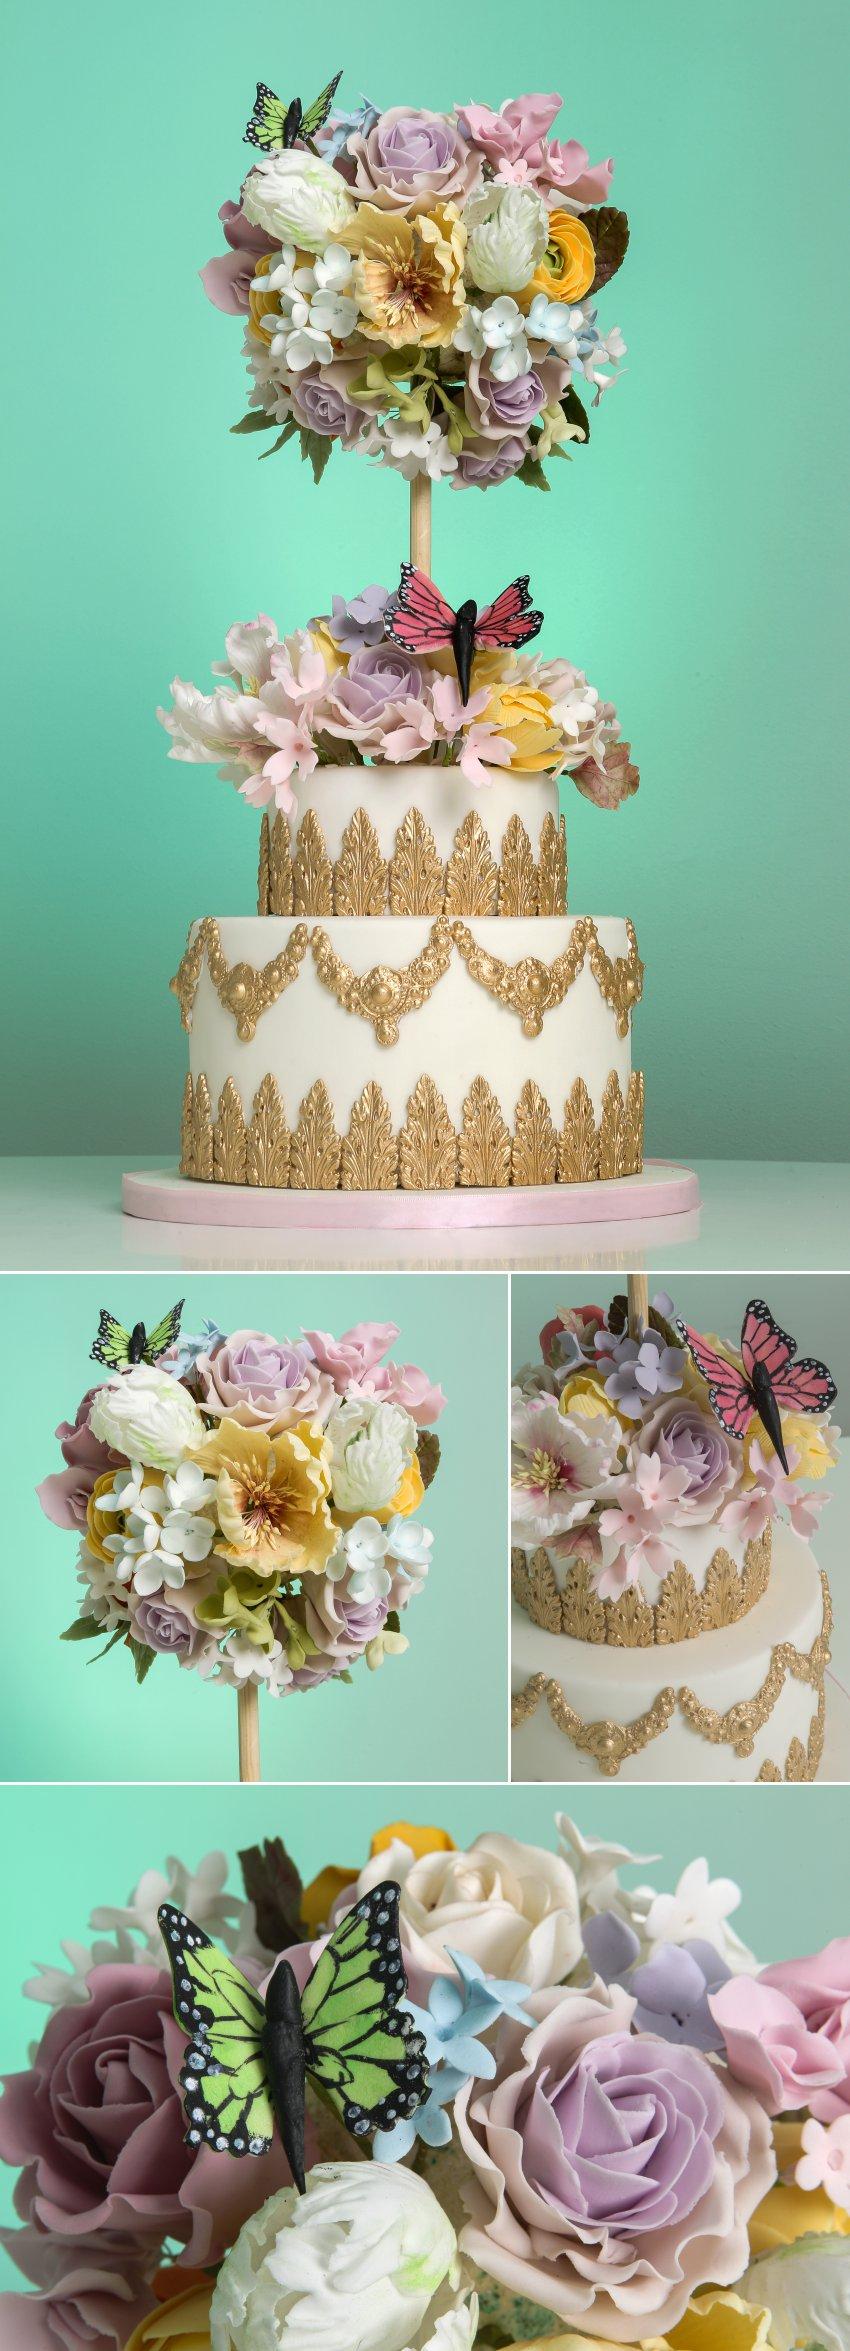 19 Wedding cake photography ECE Opulencia